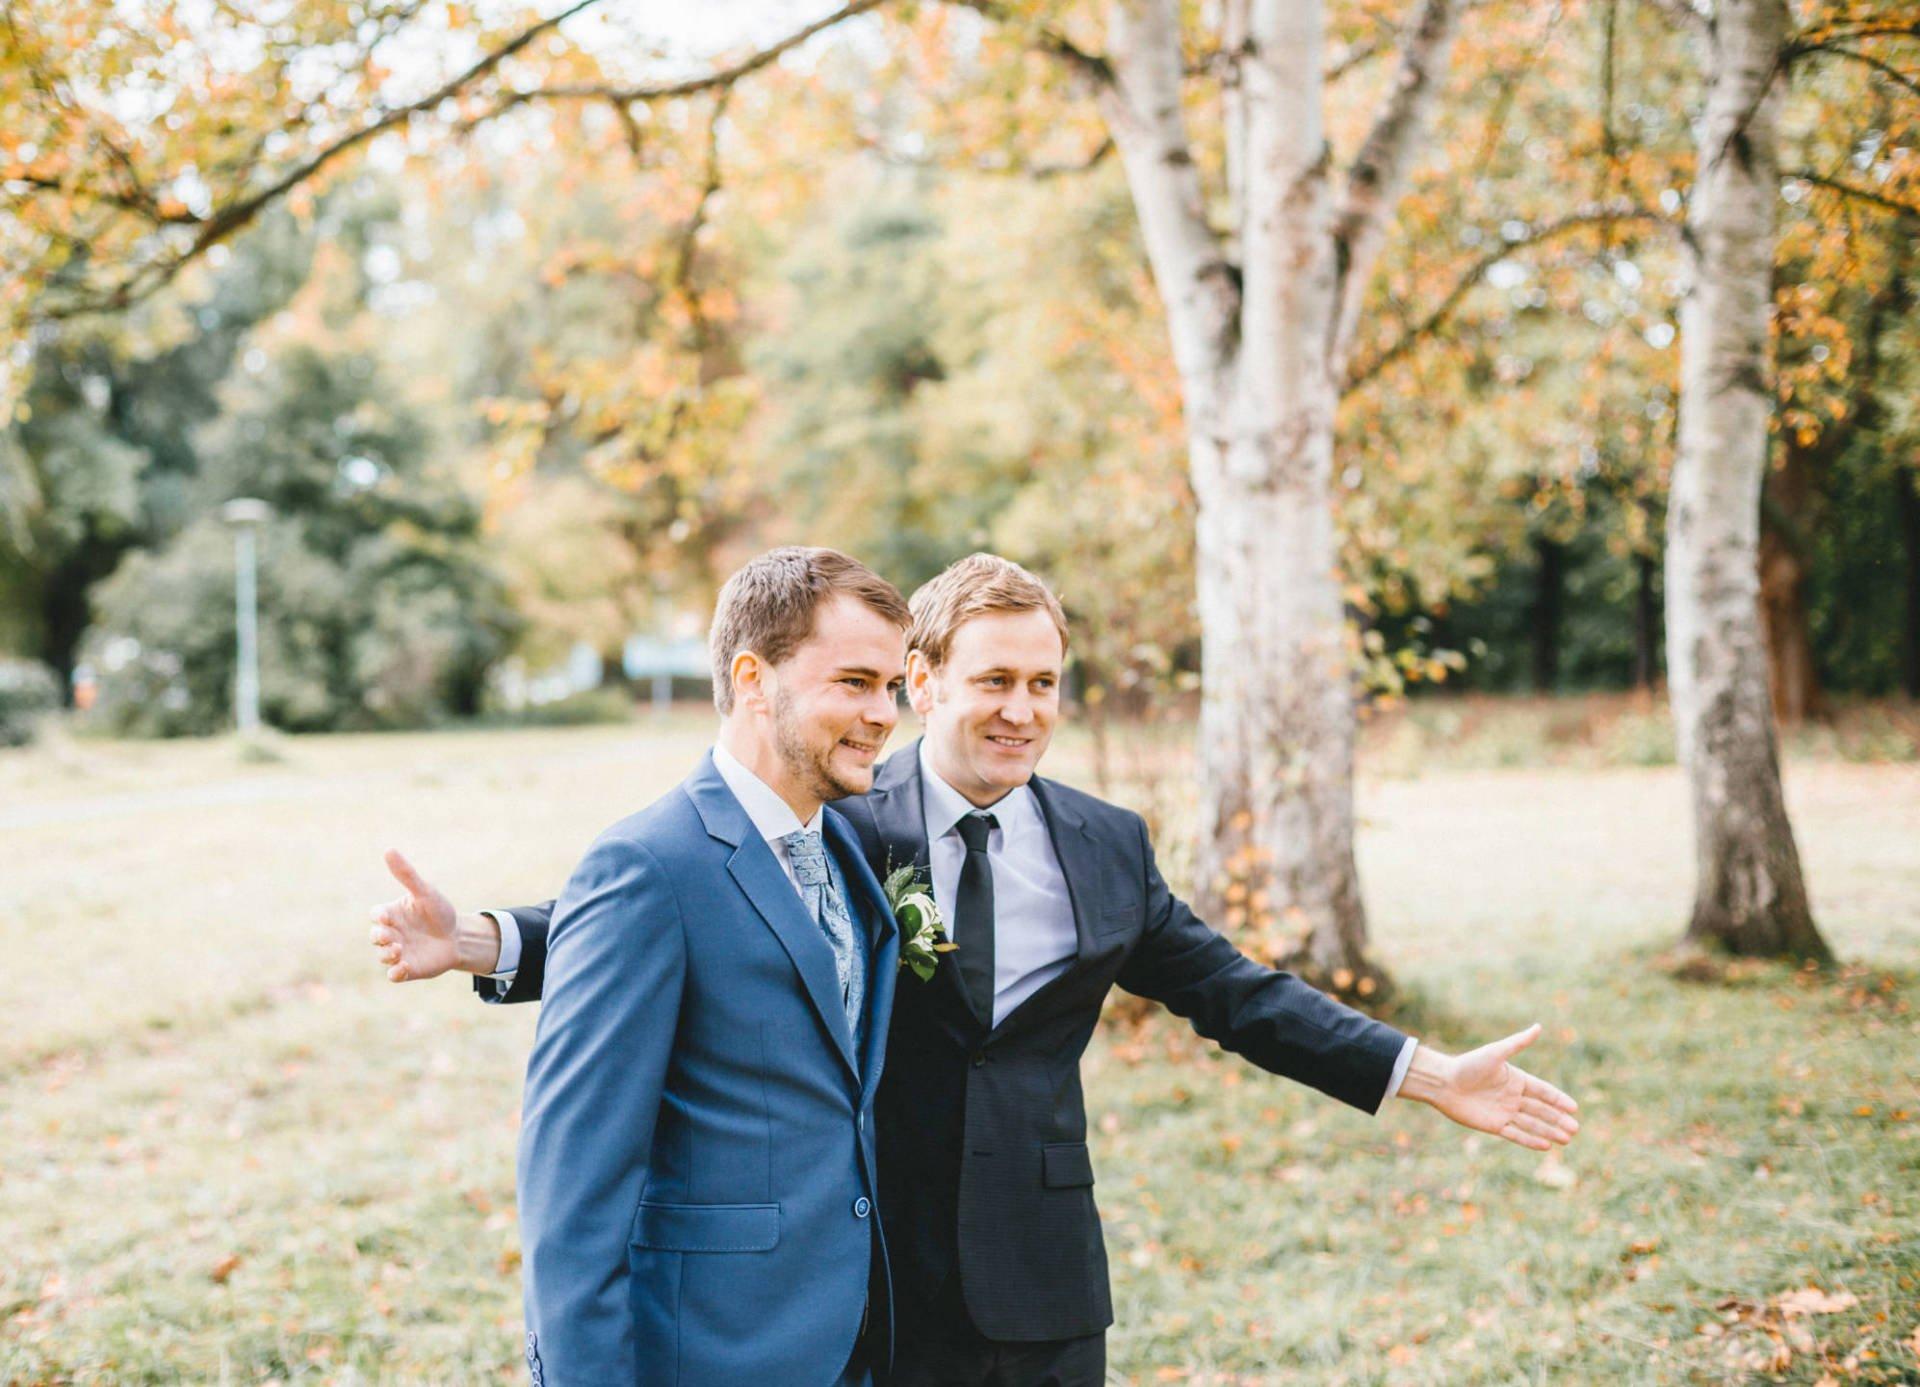 Hochzeitsreportage | Hochzeit im Paradies Jena | 3